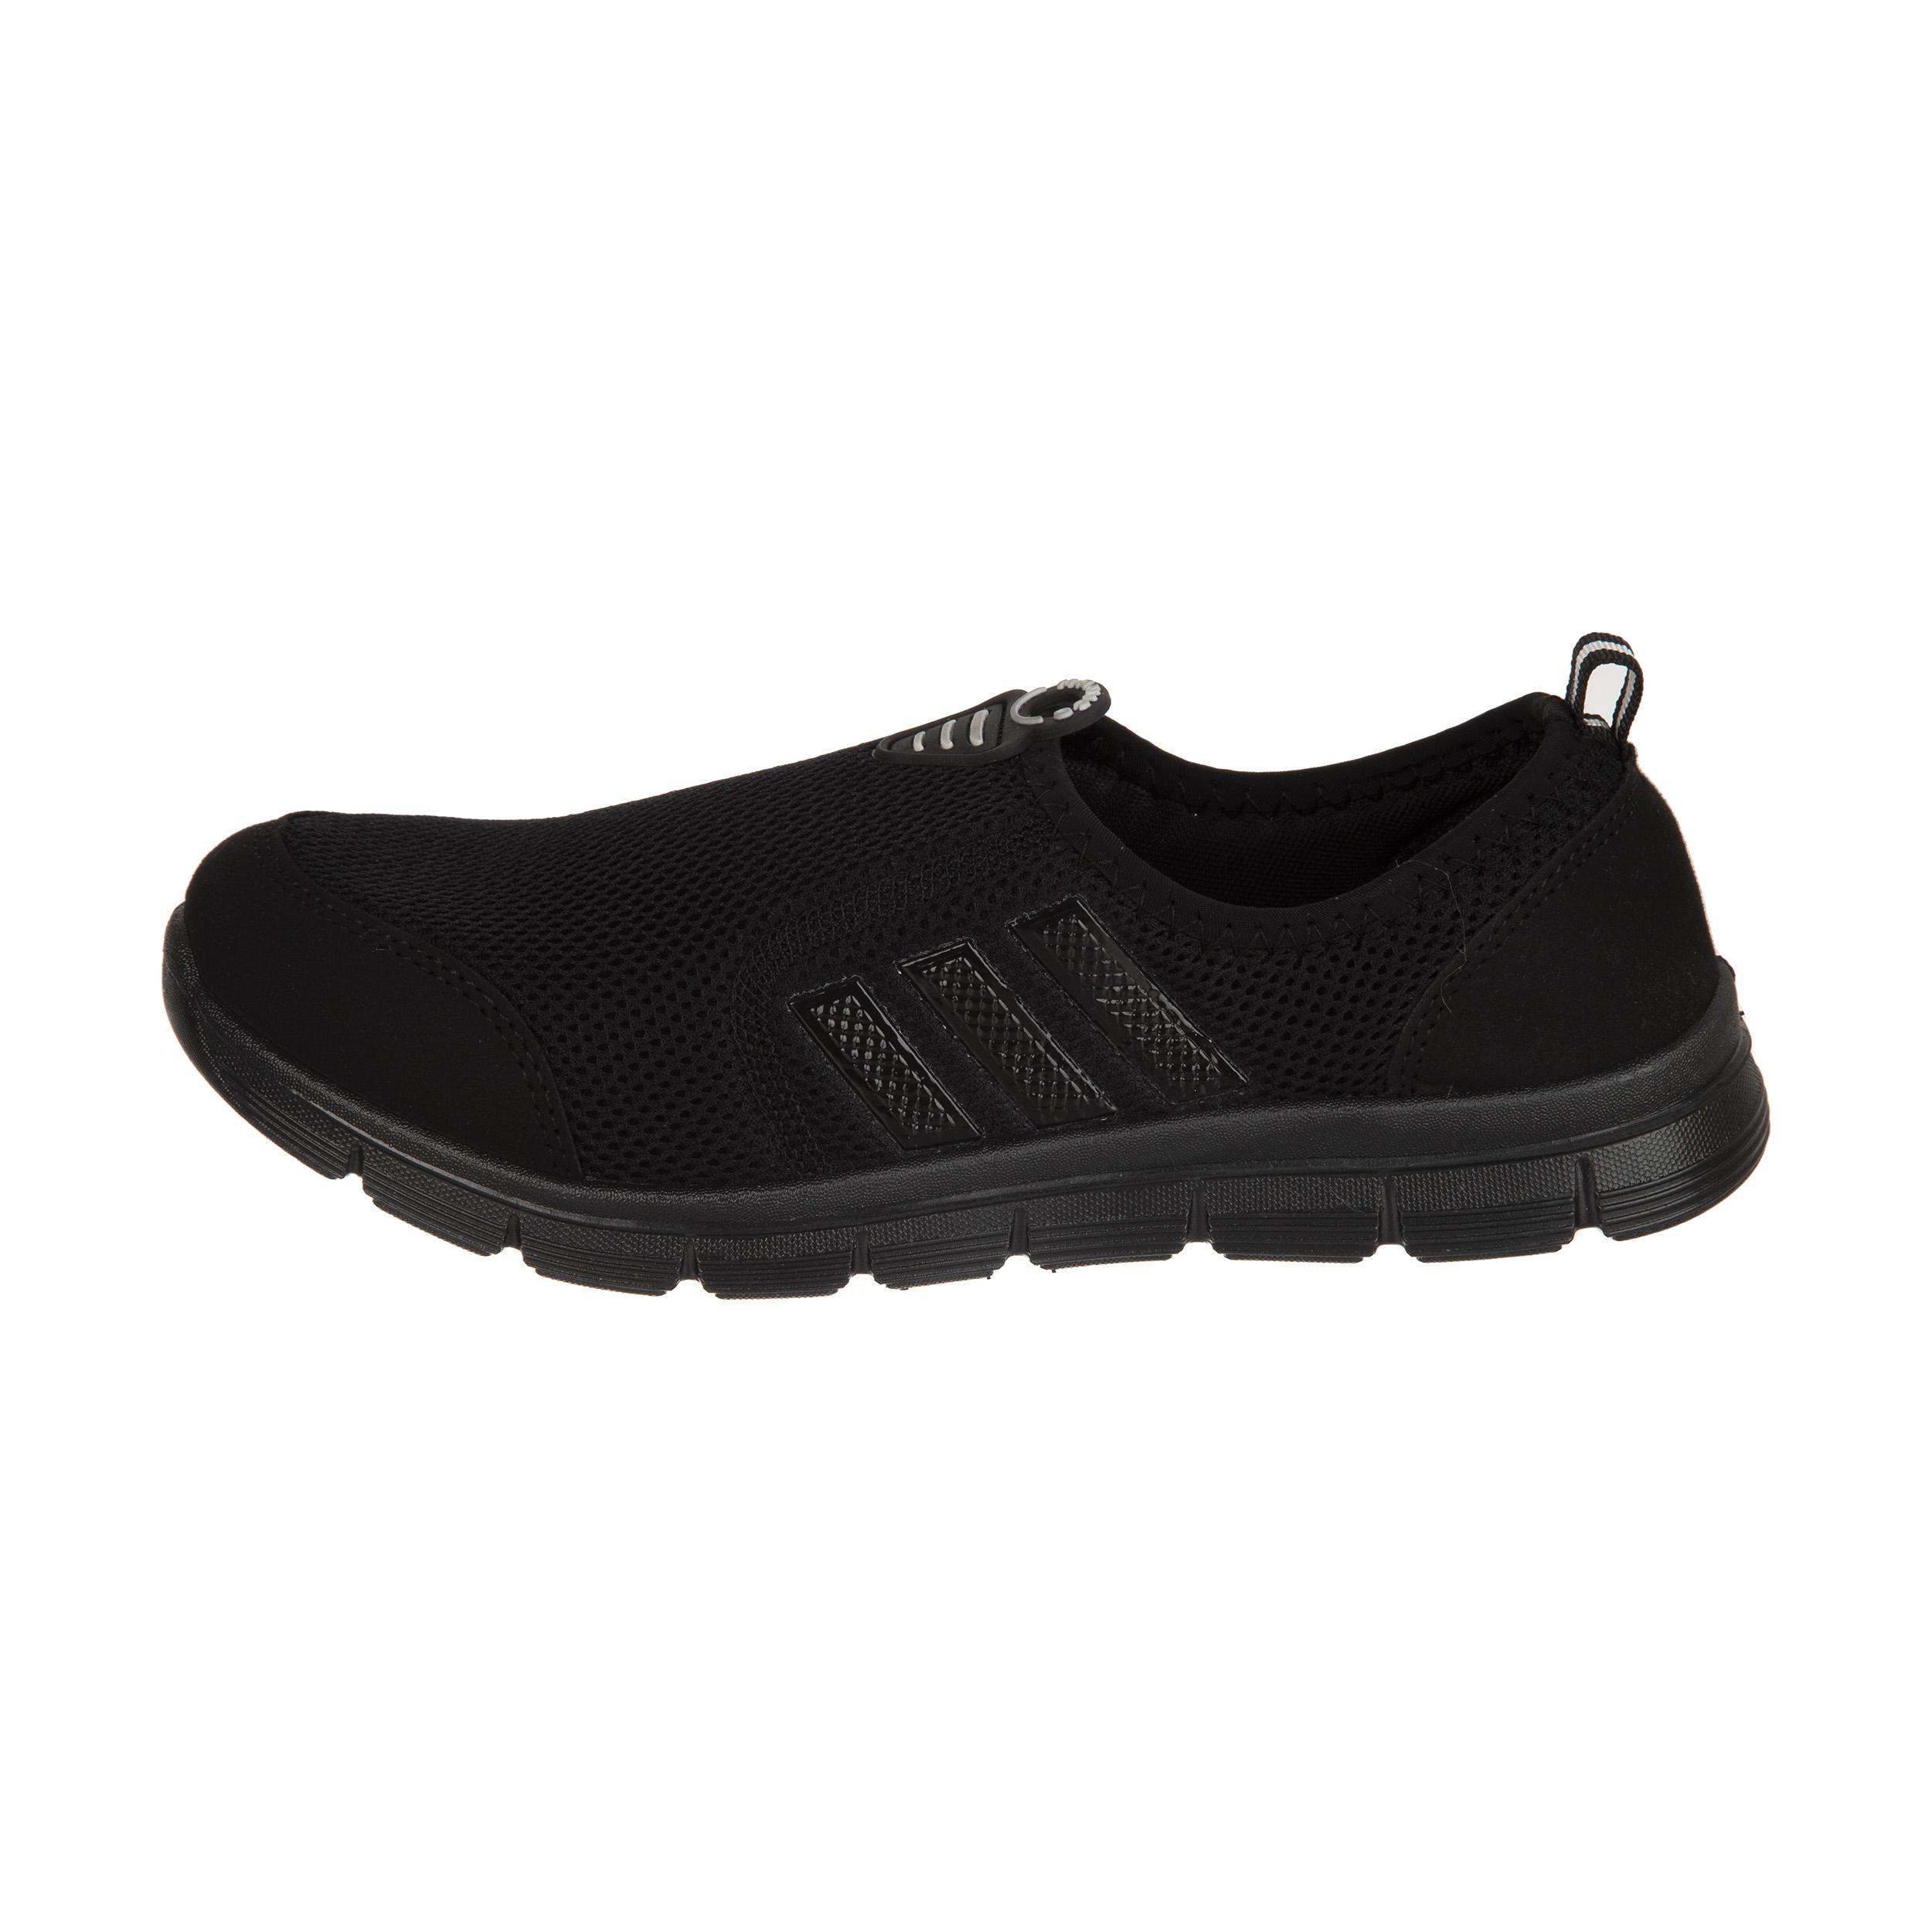 قیمت کفش راحتی مردانه هانی.کو k.han.421